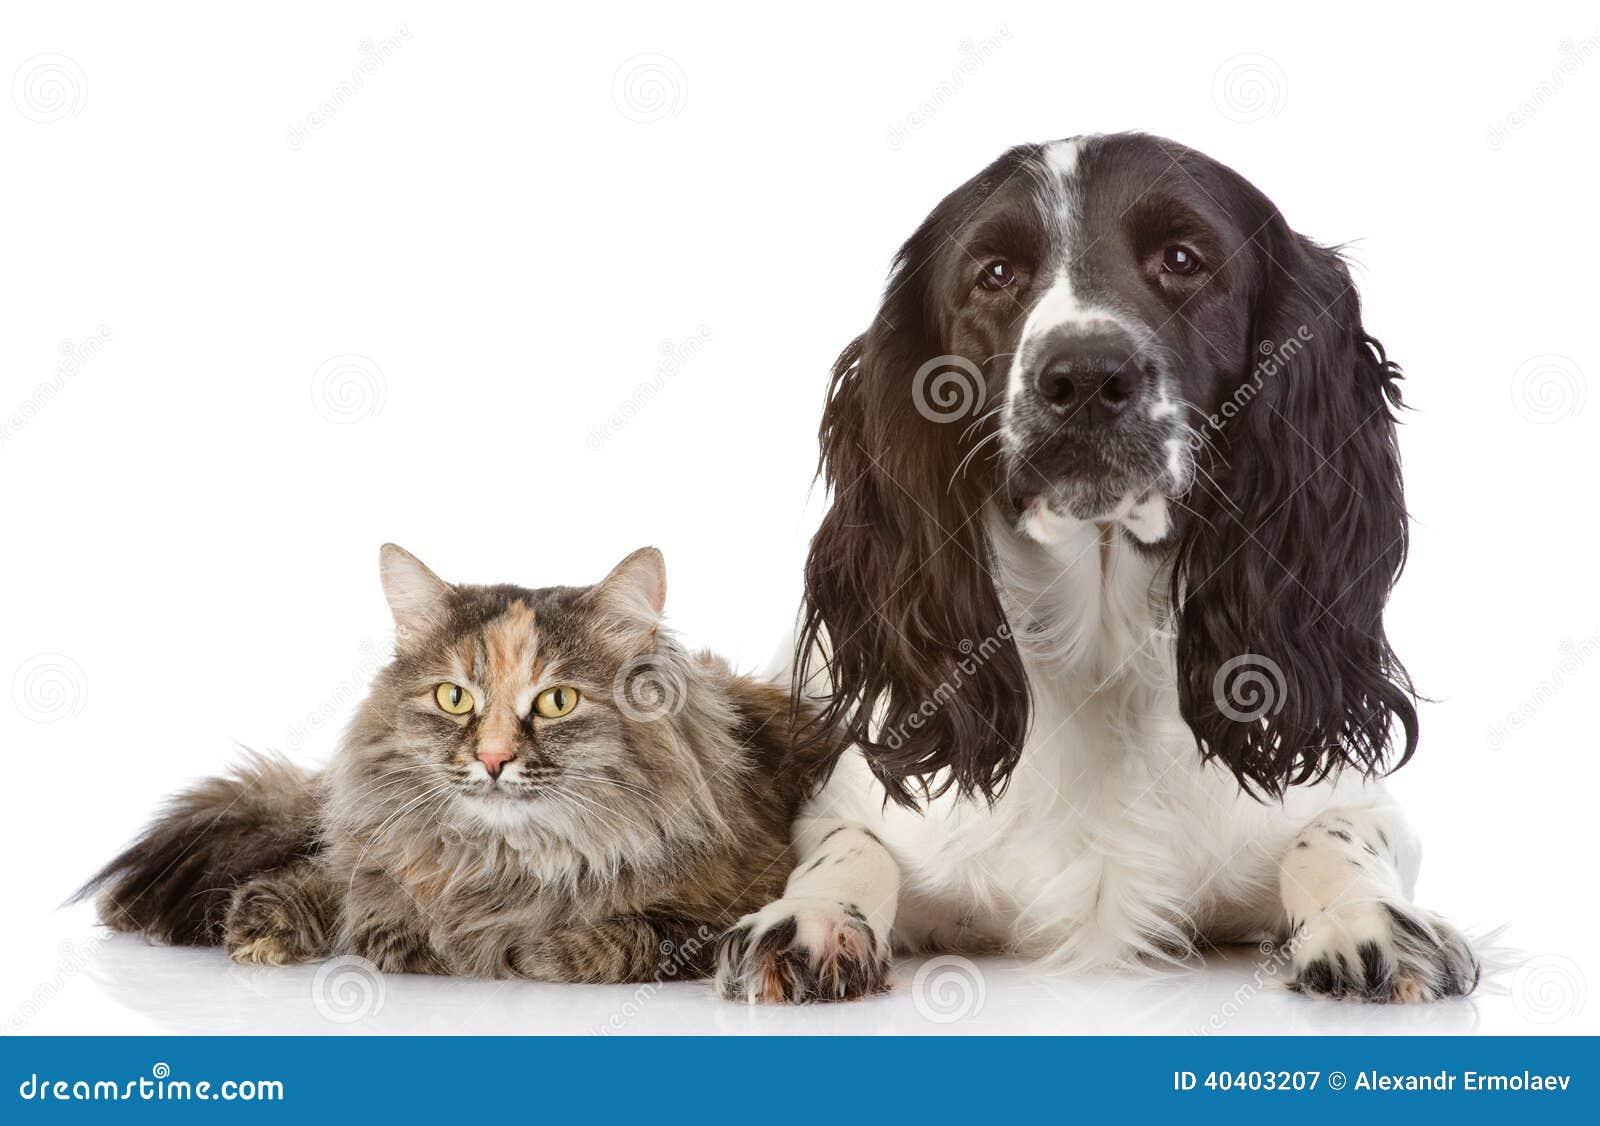 Cane e gatto di cocker spaniel di inglese insieme.